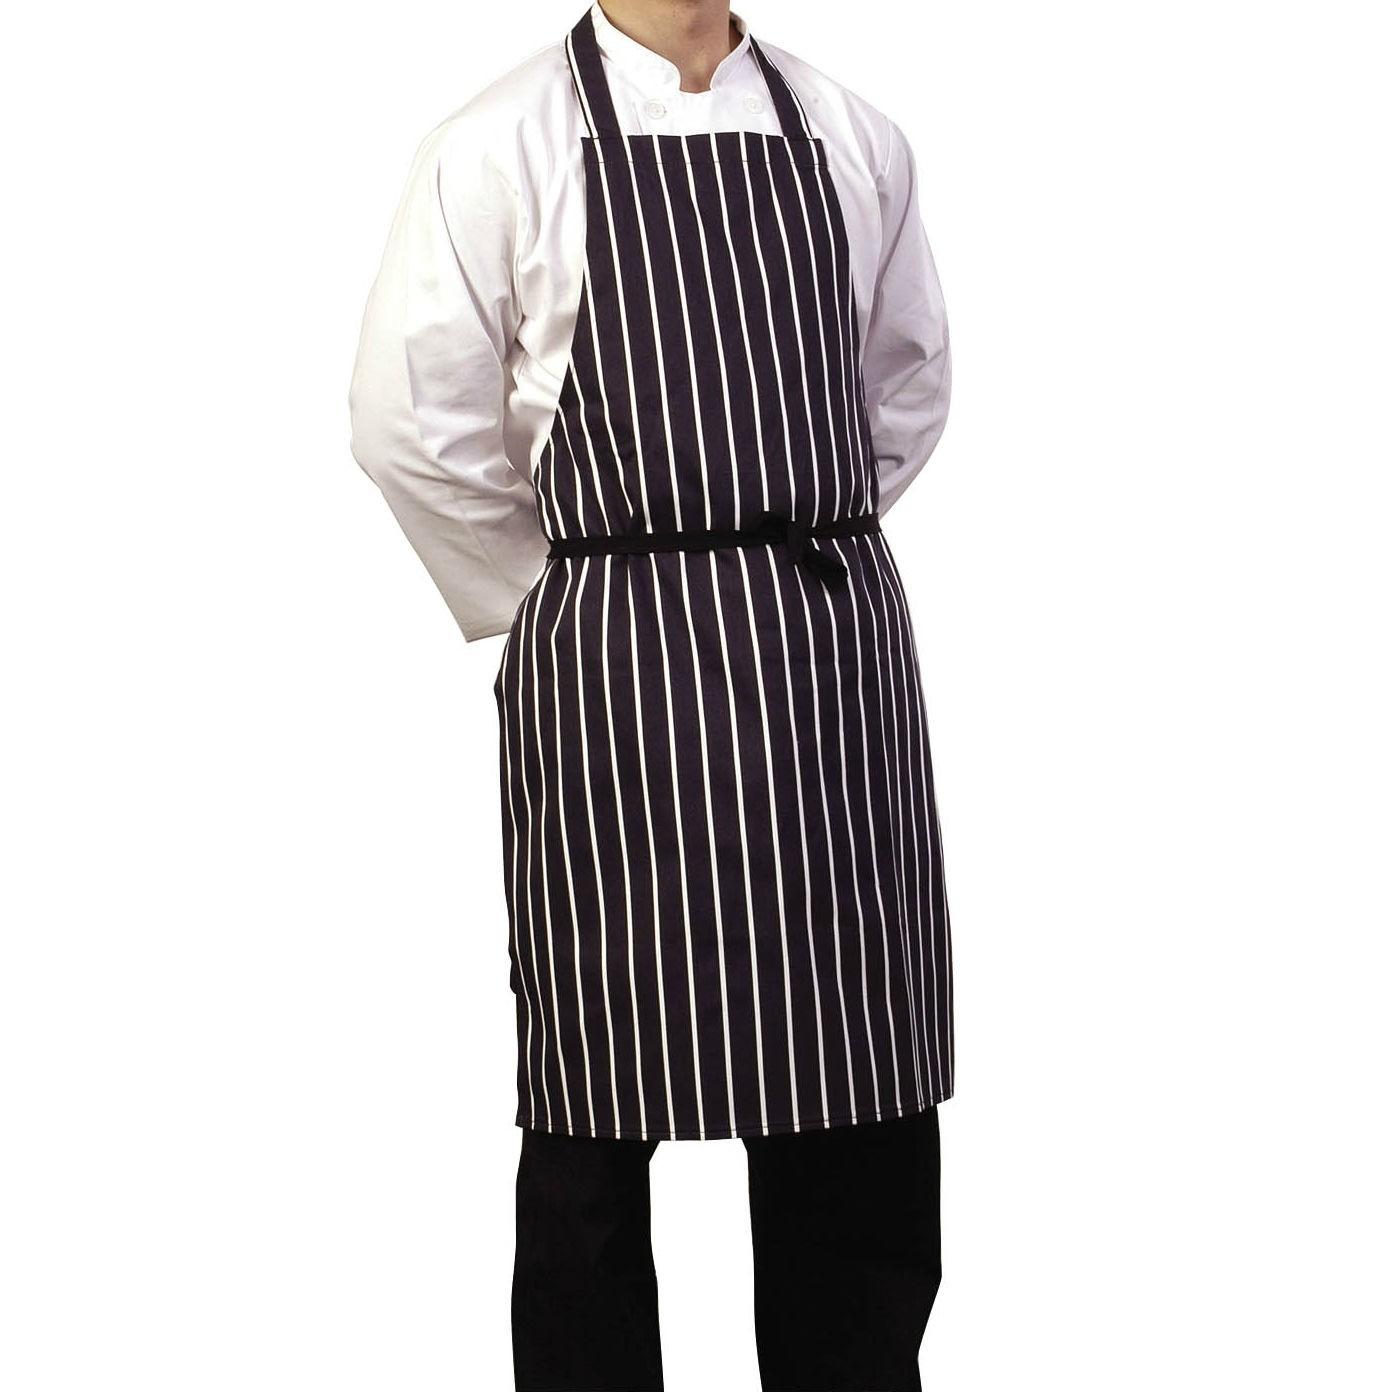 Butchers Aprons